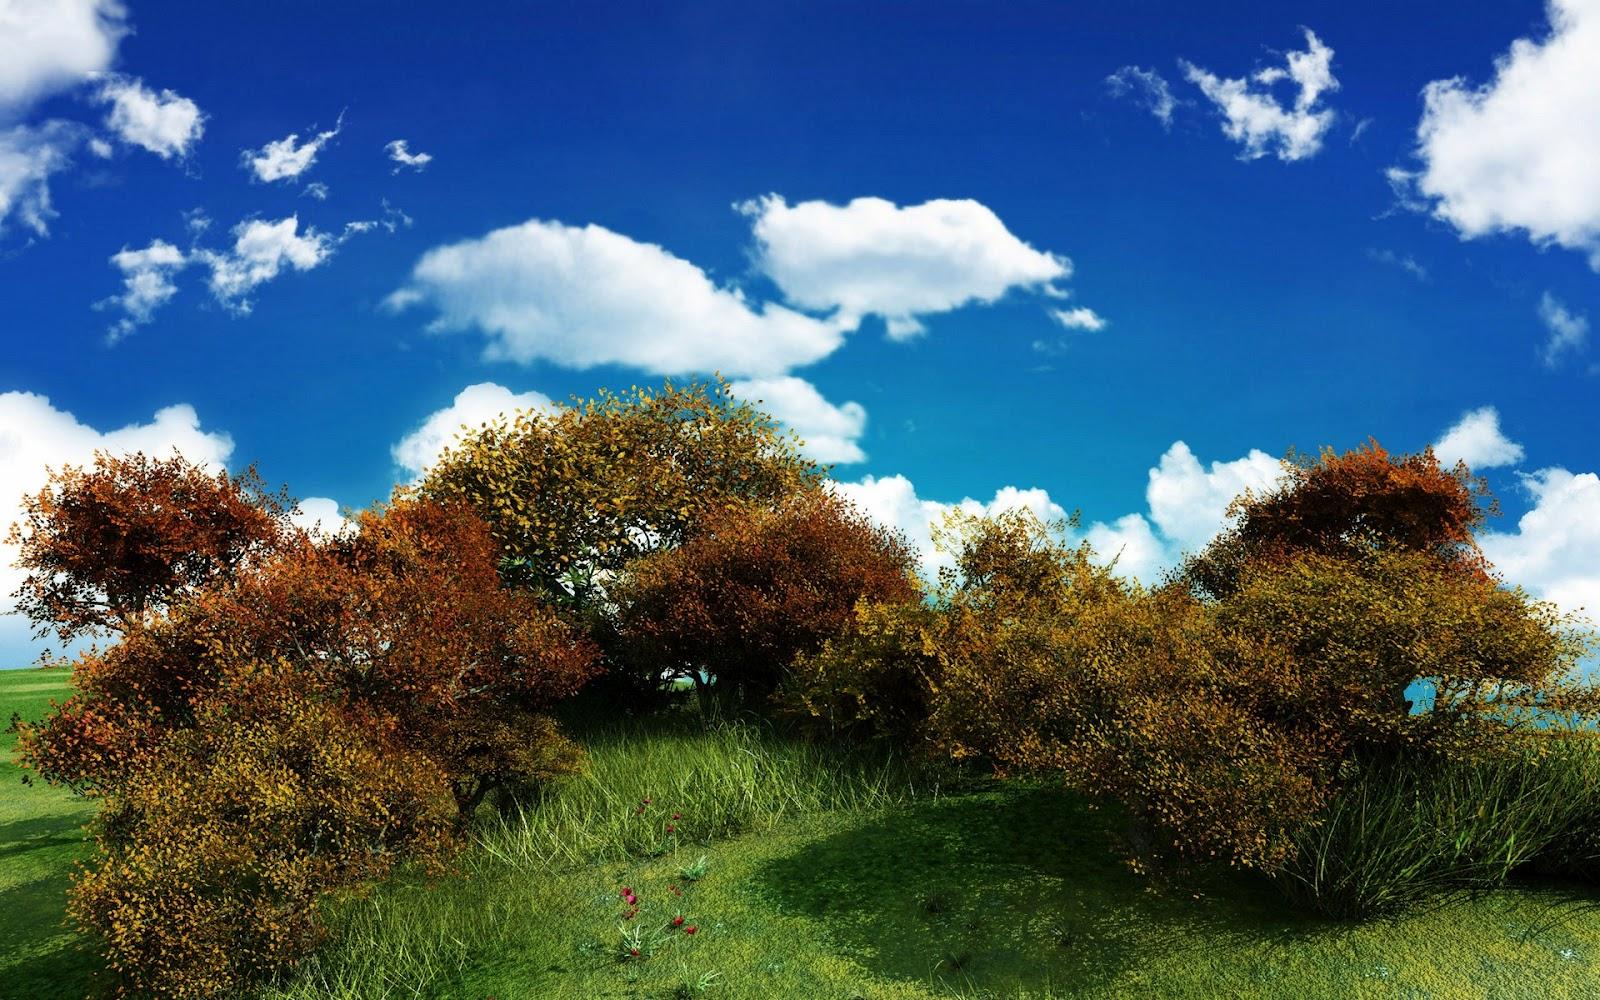 Rosen Hintergrundbilder HD Hintergrundbilder - Hintergrundbilder Nature Hd